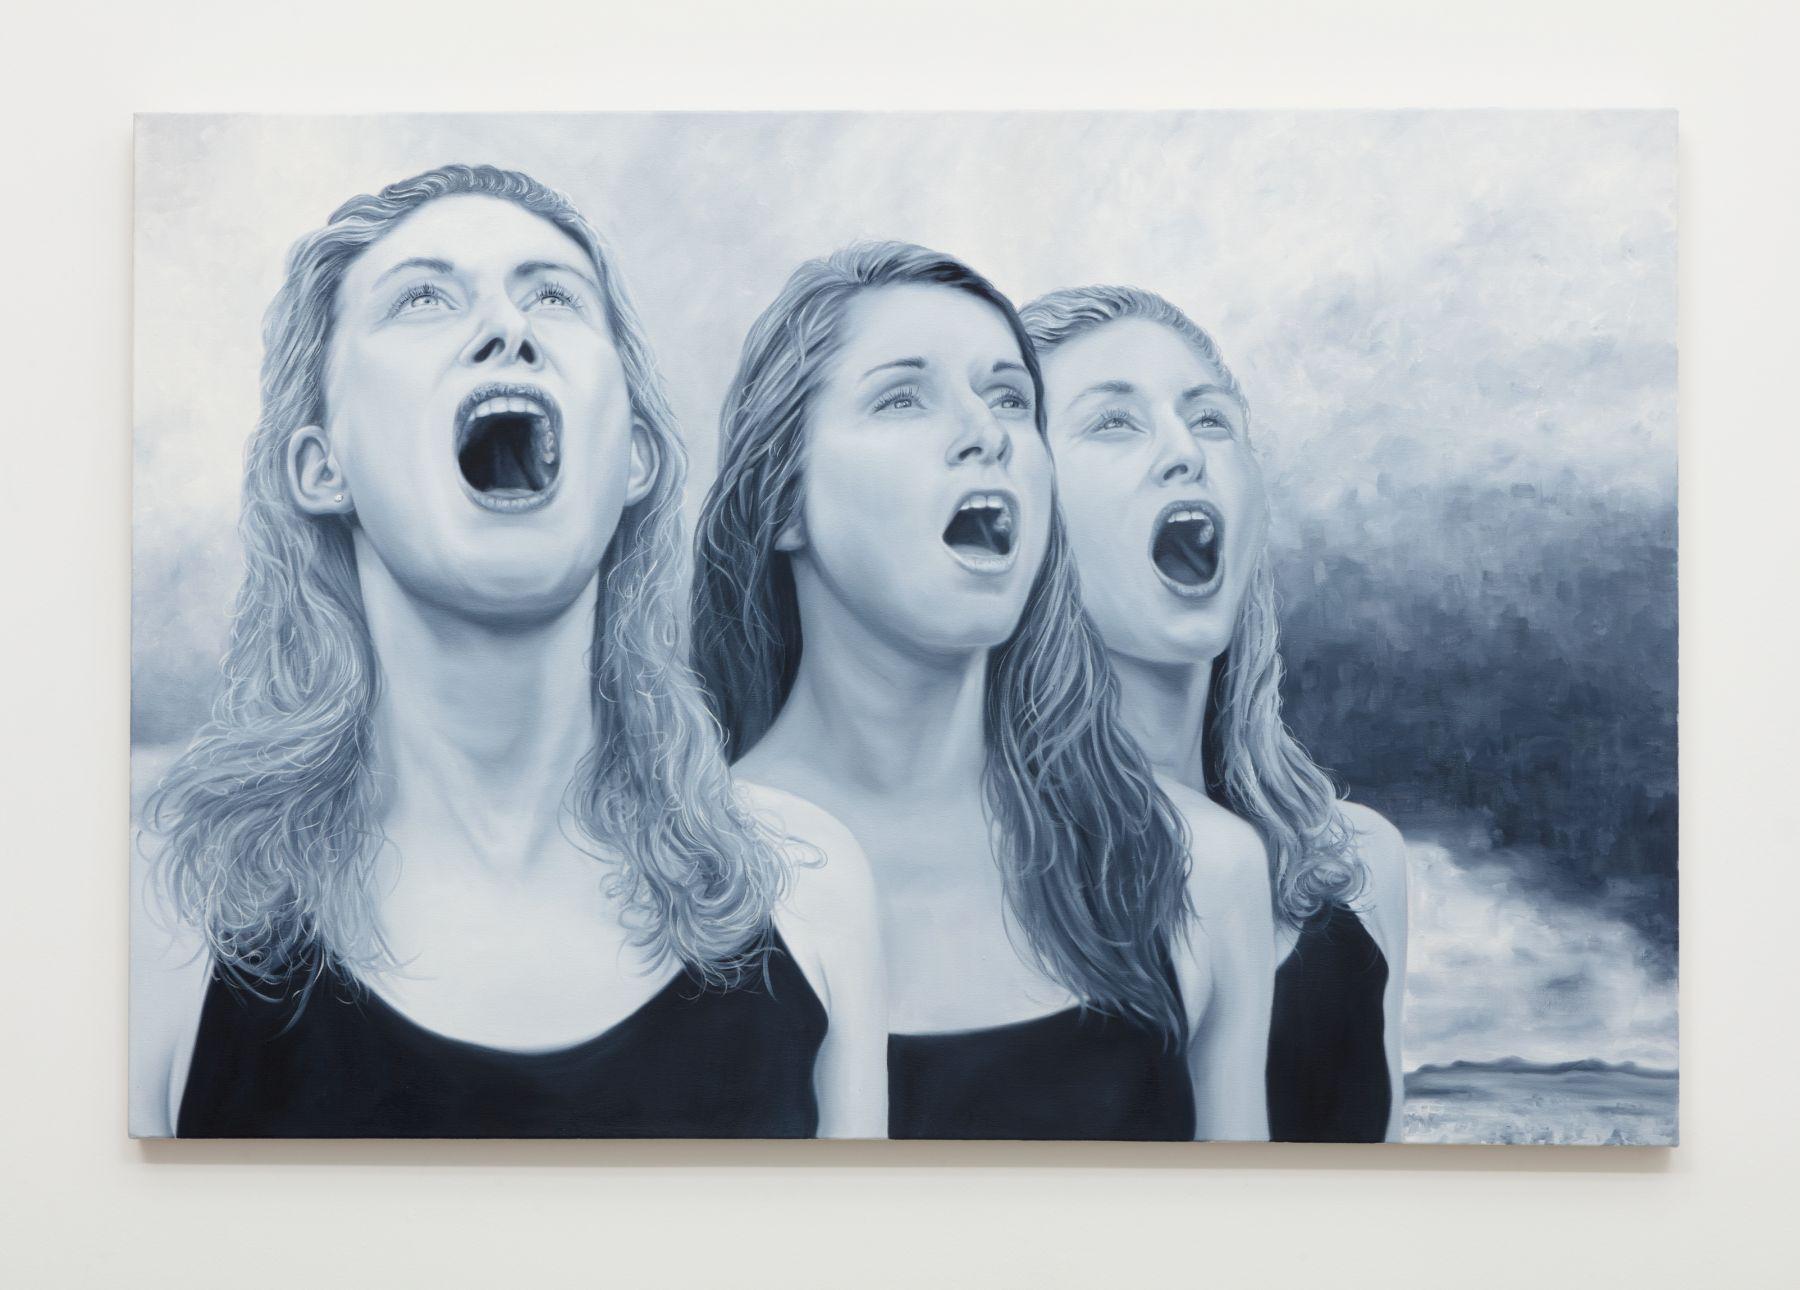 Kelli Vance, Sun Eaters, 2016